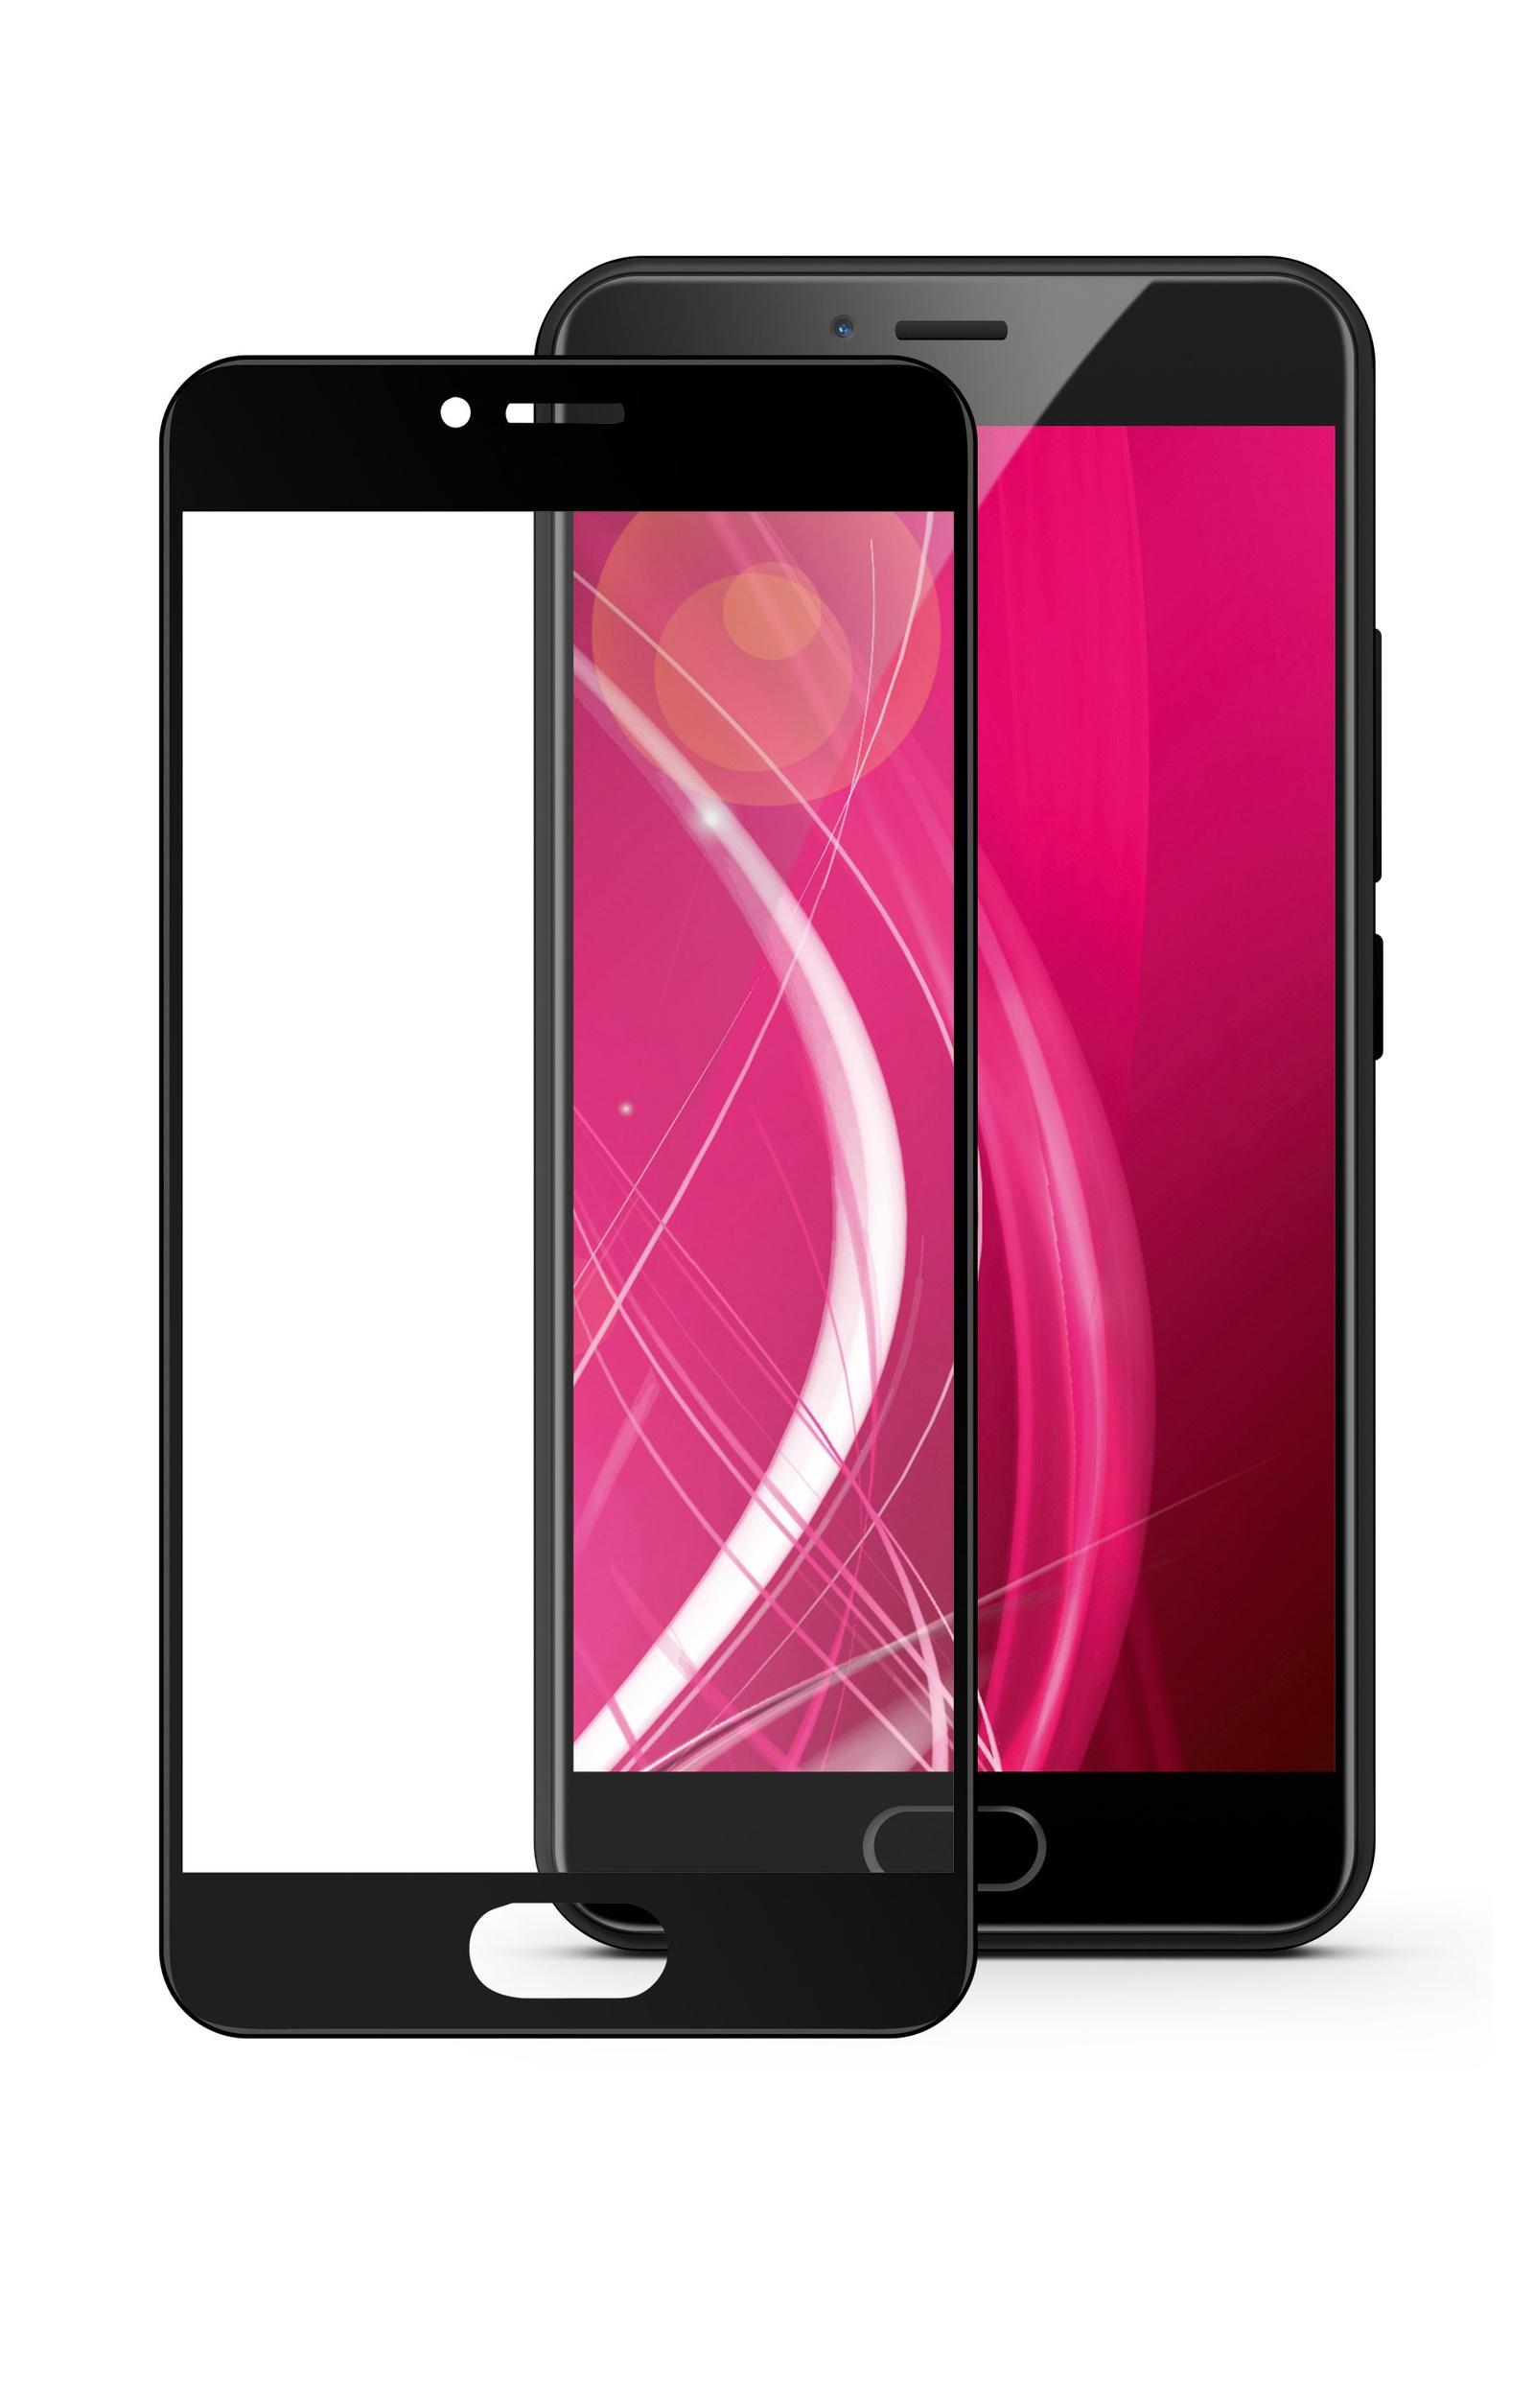 Защитное стекло Mobius для Meizu M5 3D Full Cover (Black) аксессуар защитное стекло mobius для honor 7c pro 3d full cover black 4232 208